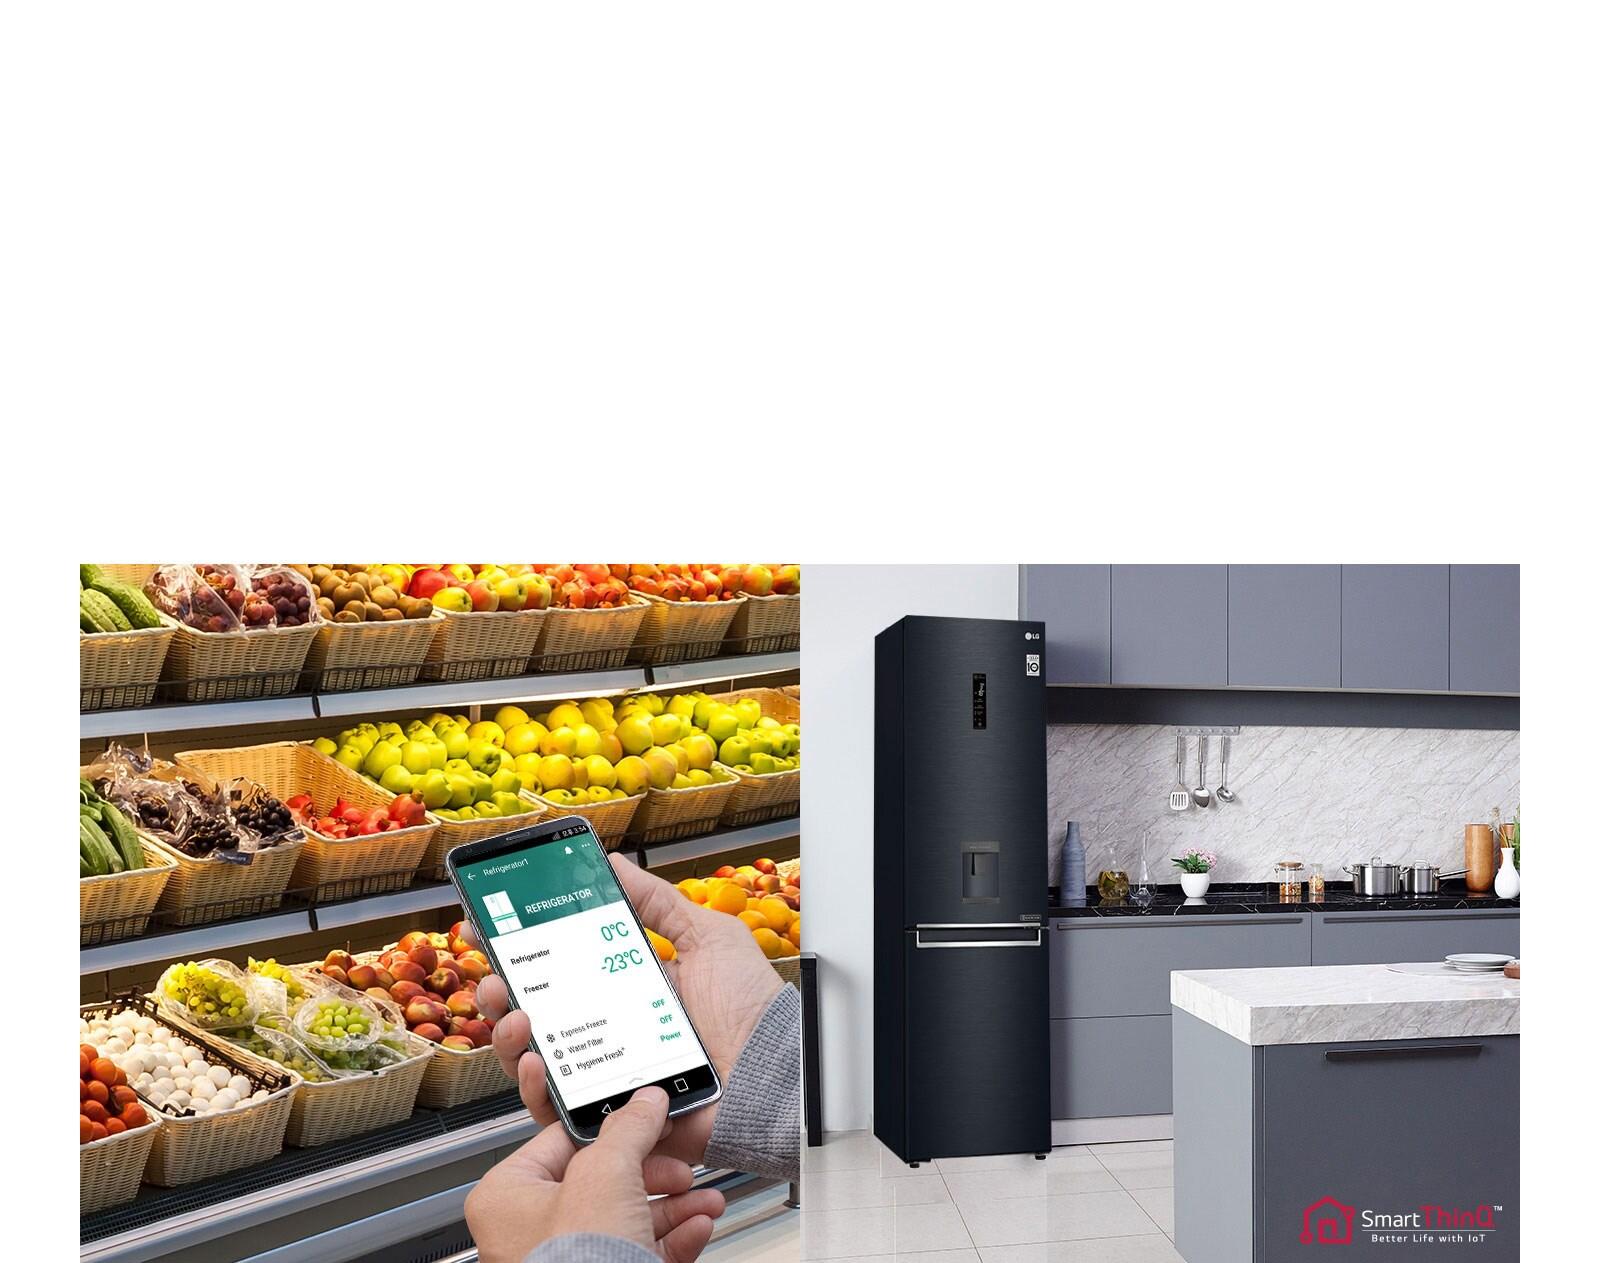 Controla tu Refrigeradora de Manera Inteligente3